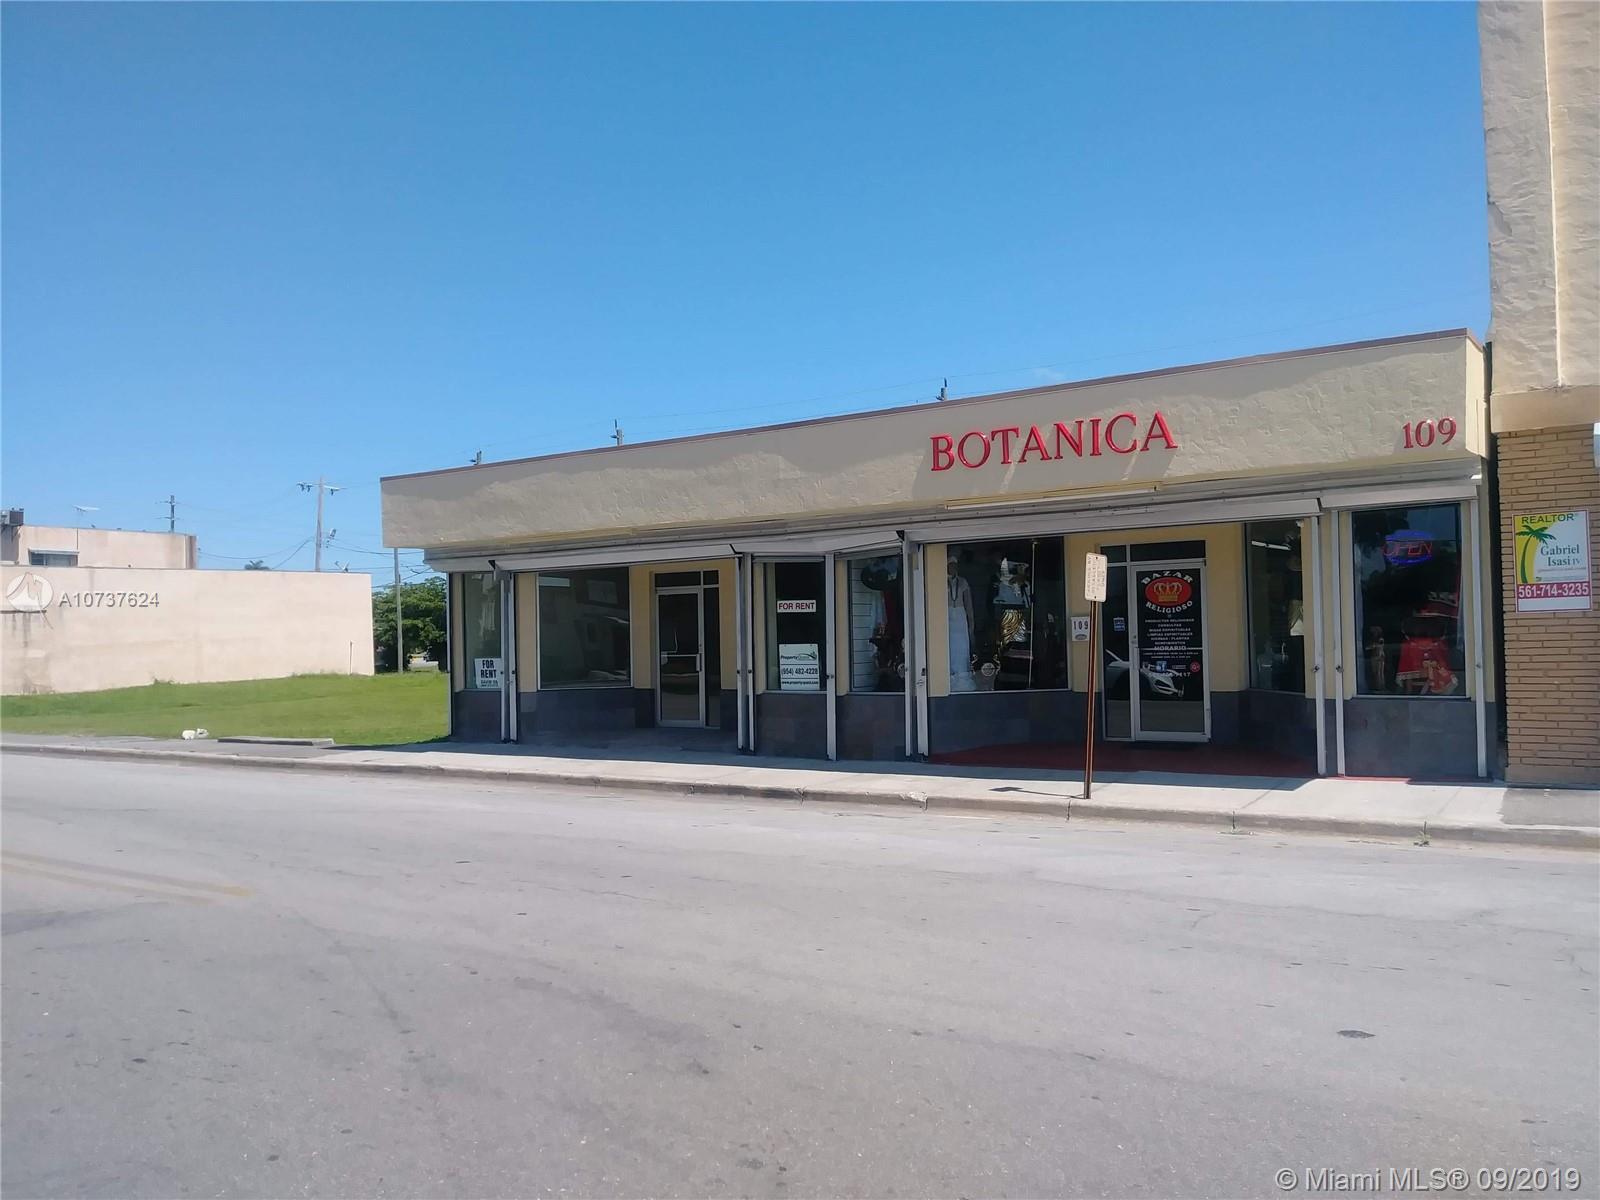 117 W Avenue A #109, Belle Glade, FL 33430 - Belle Glade, FL real estate listing